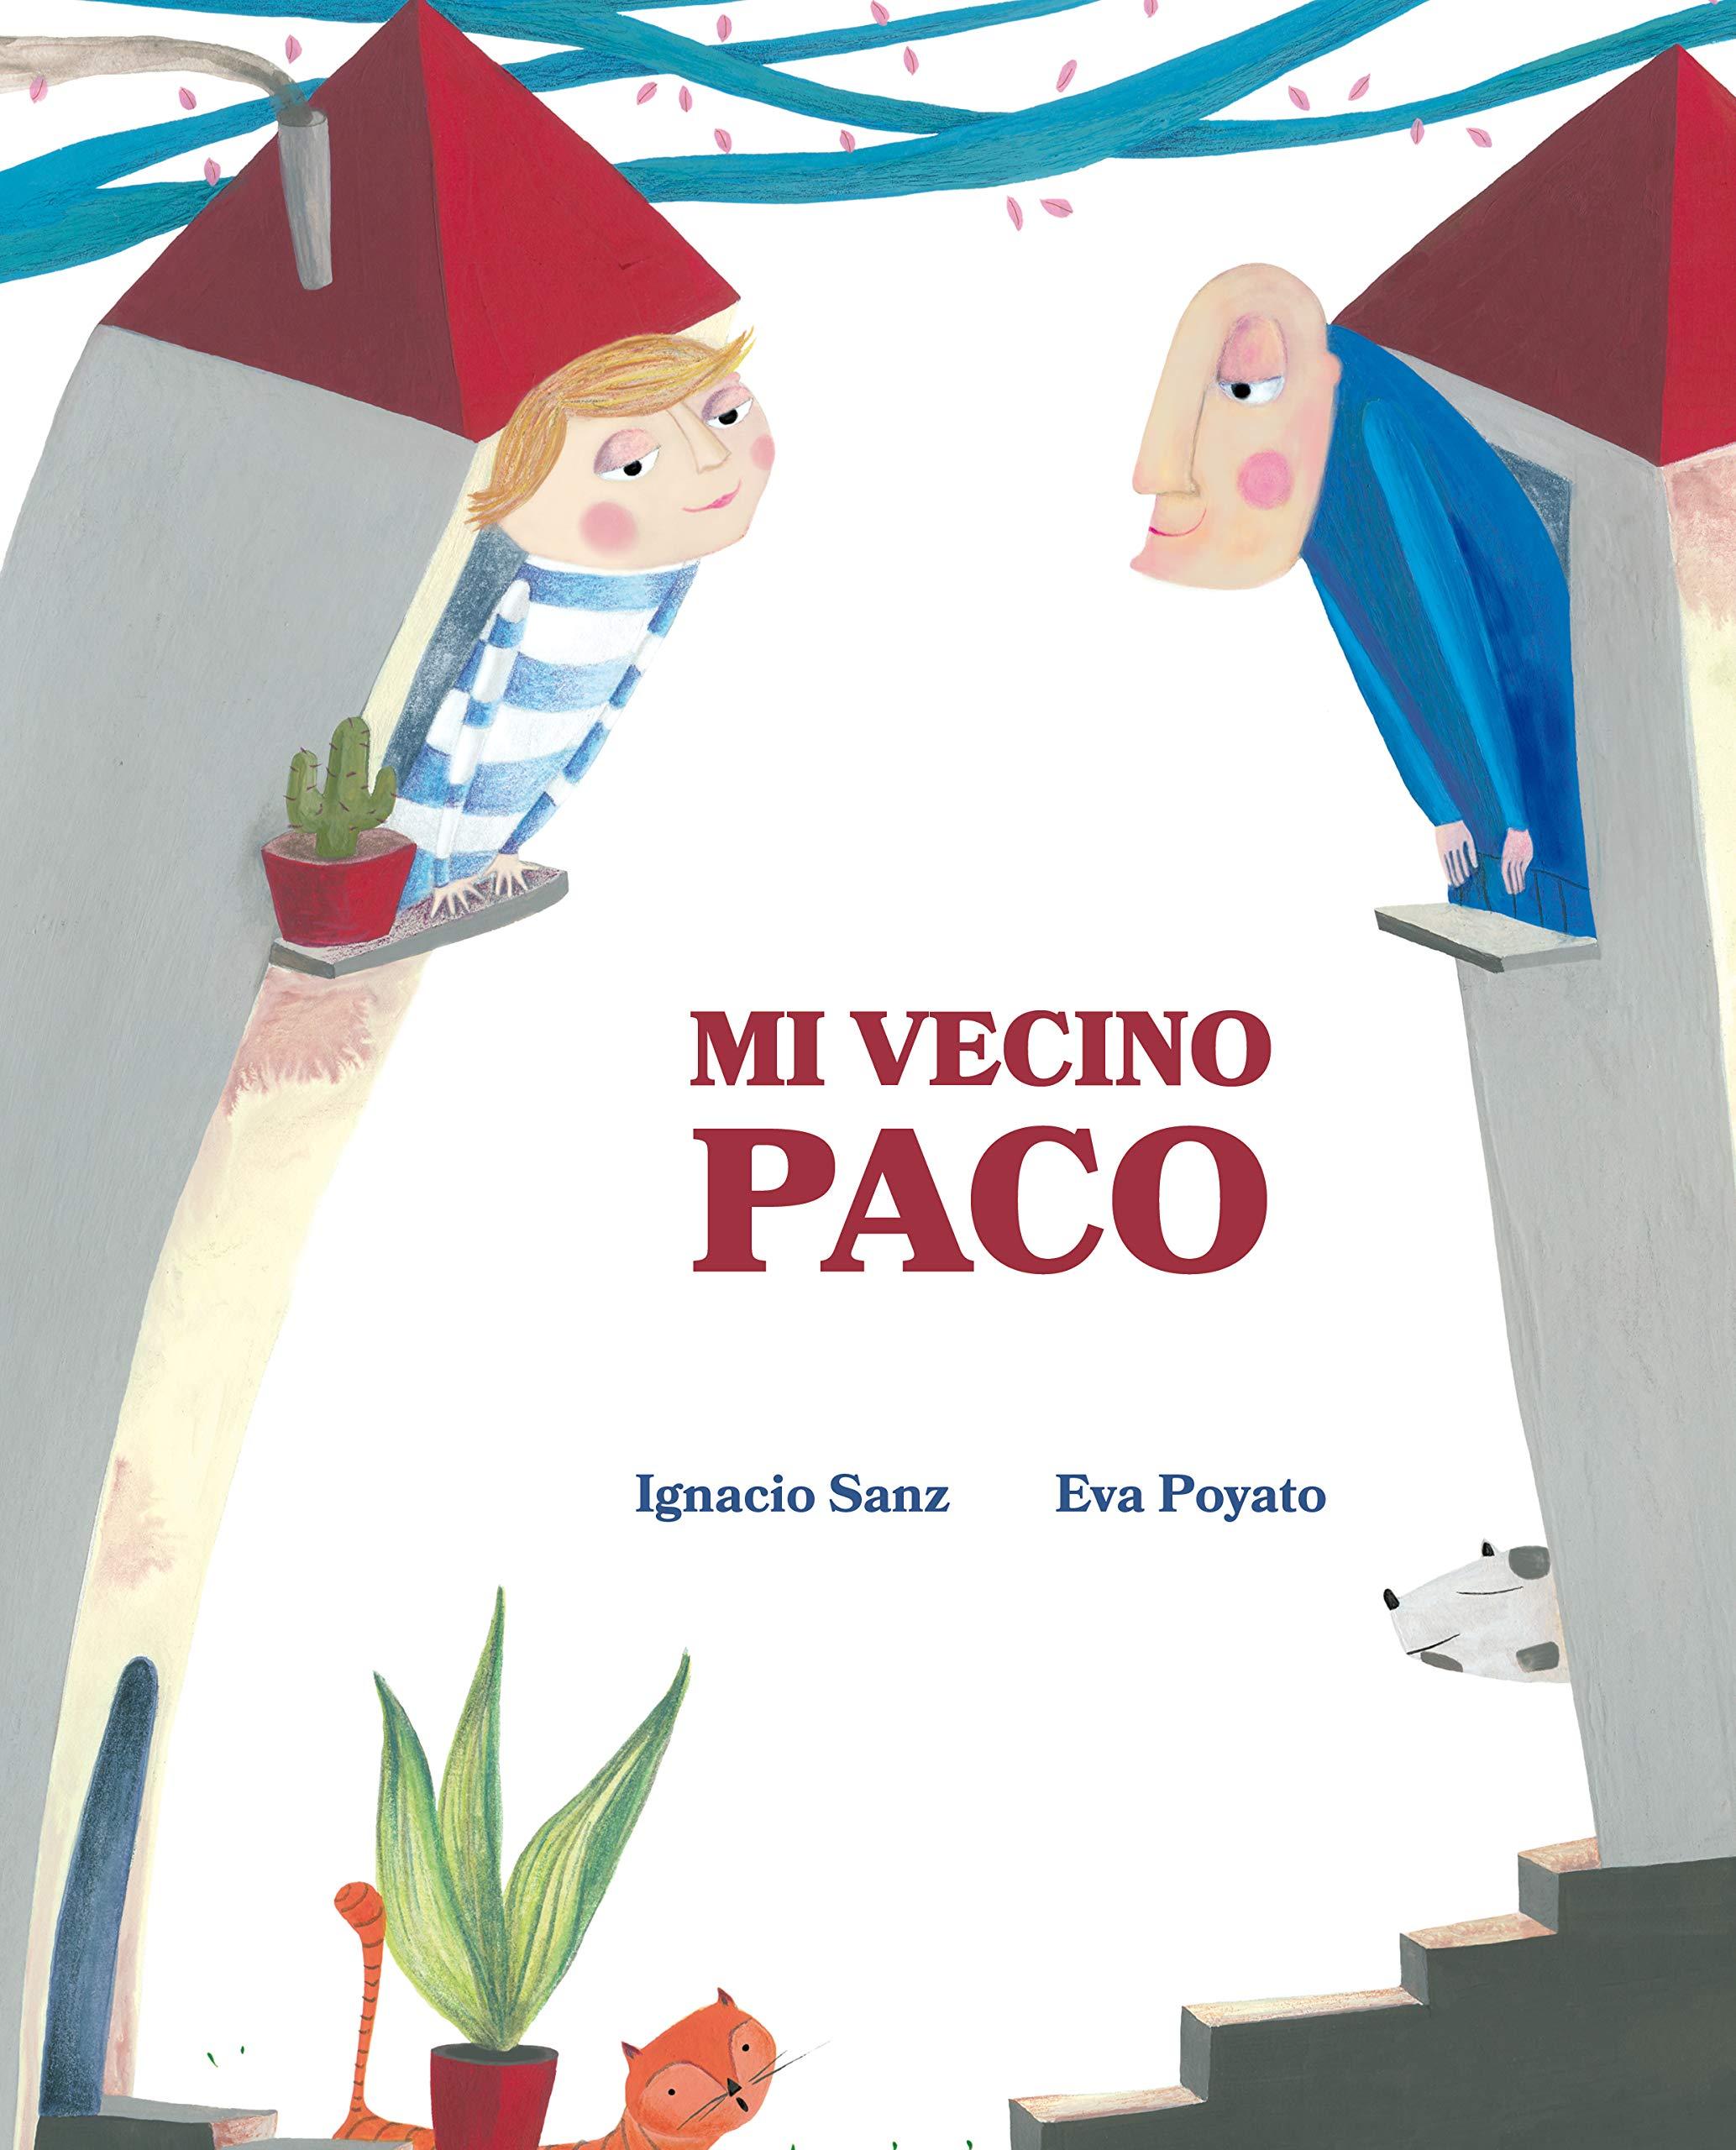 Mi vecino Paco - Finalistas Premios Estandarte 2020 a los mejores libros infantiles